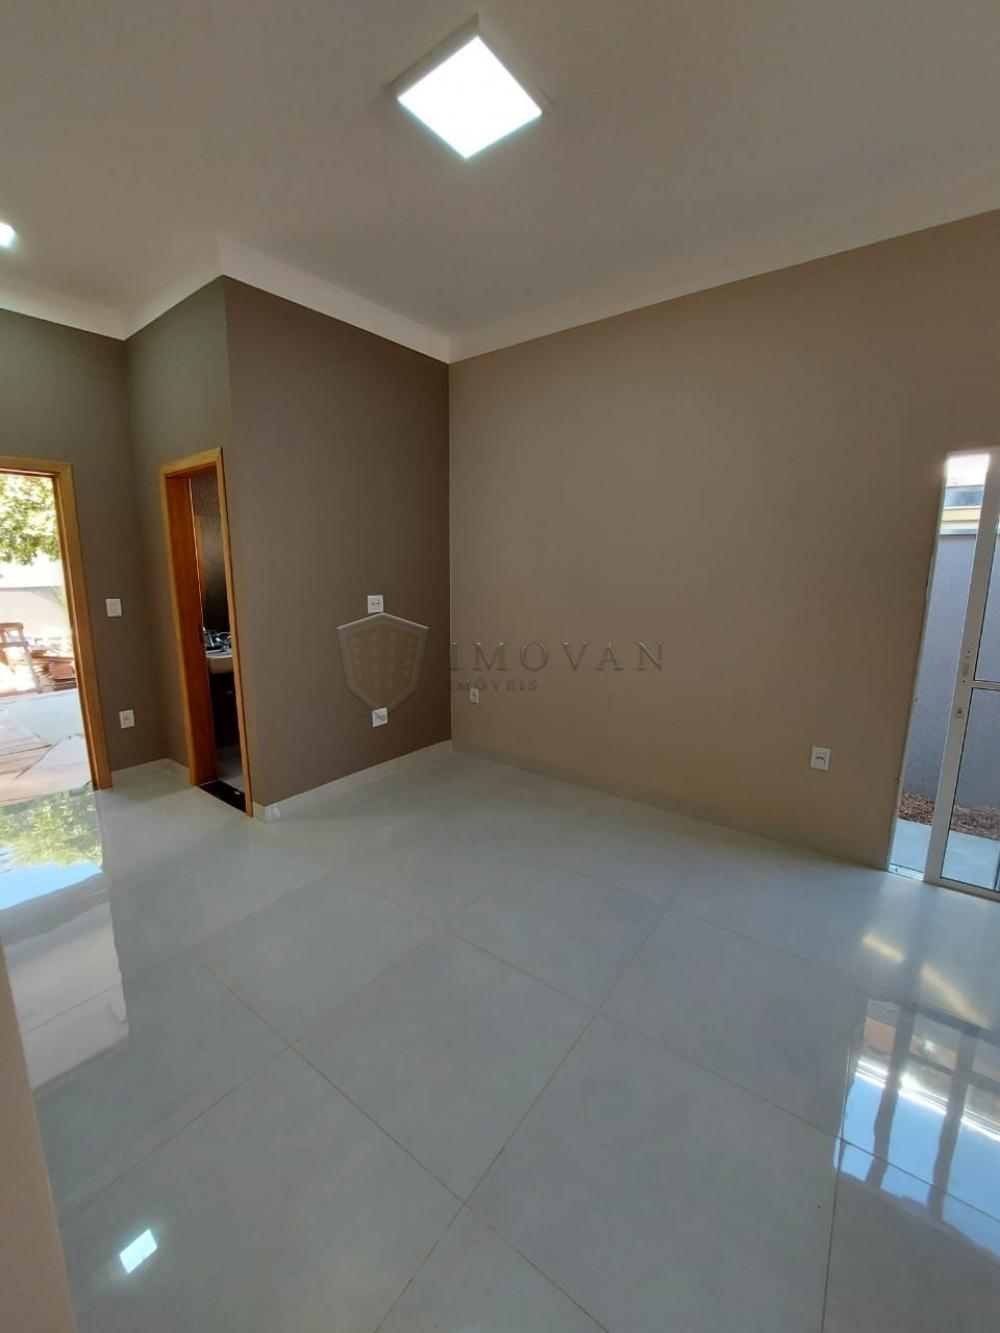 Comprar Casa / Condomínio em Bonfim Paulista R$ 850.000,00 - Foto 3